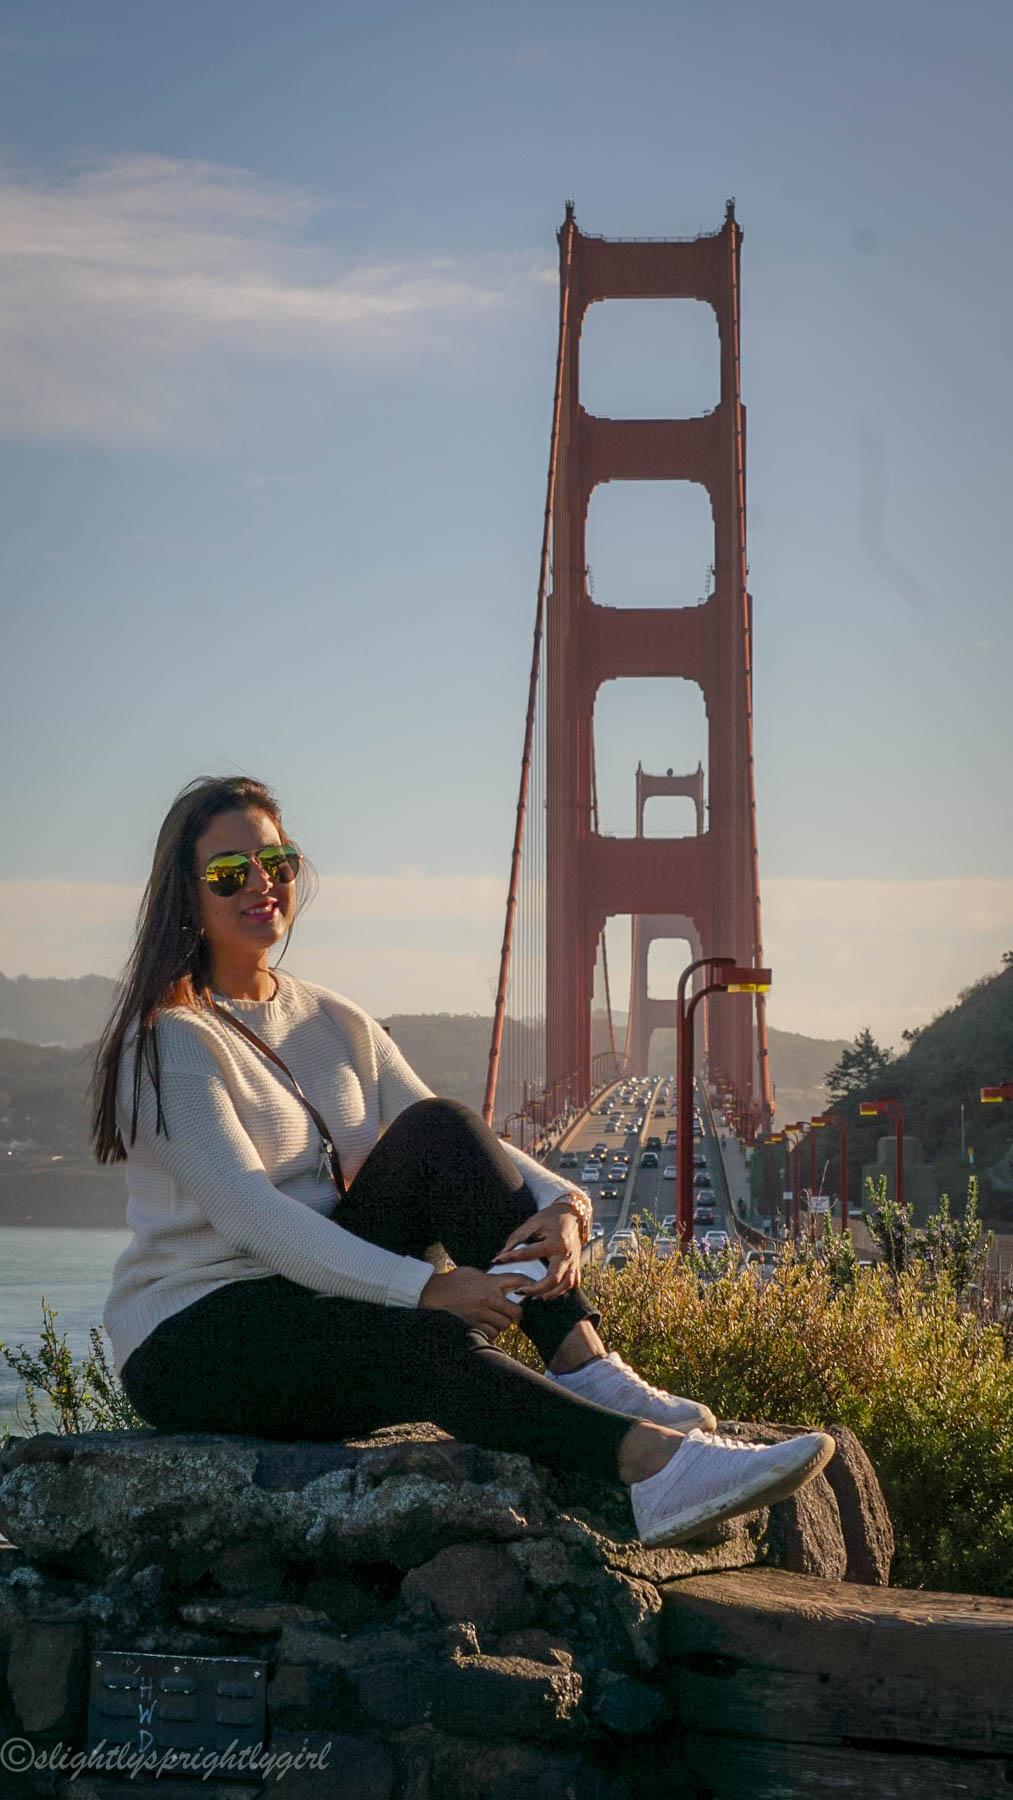 Golden Gate Bridge, San Francisco,California